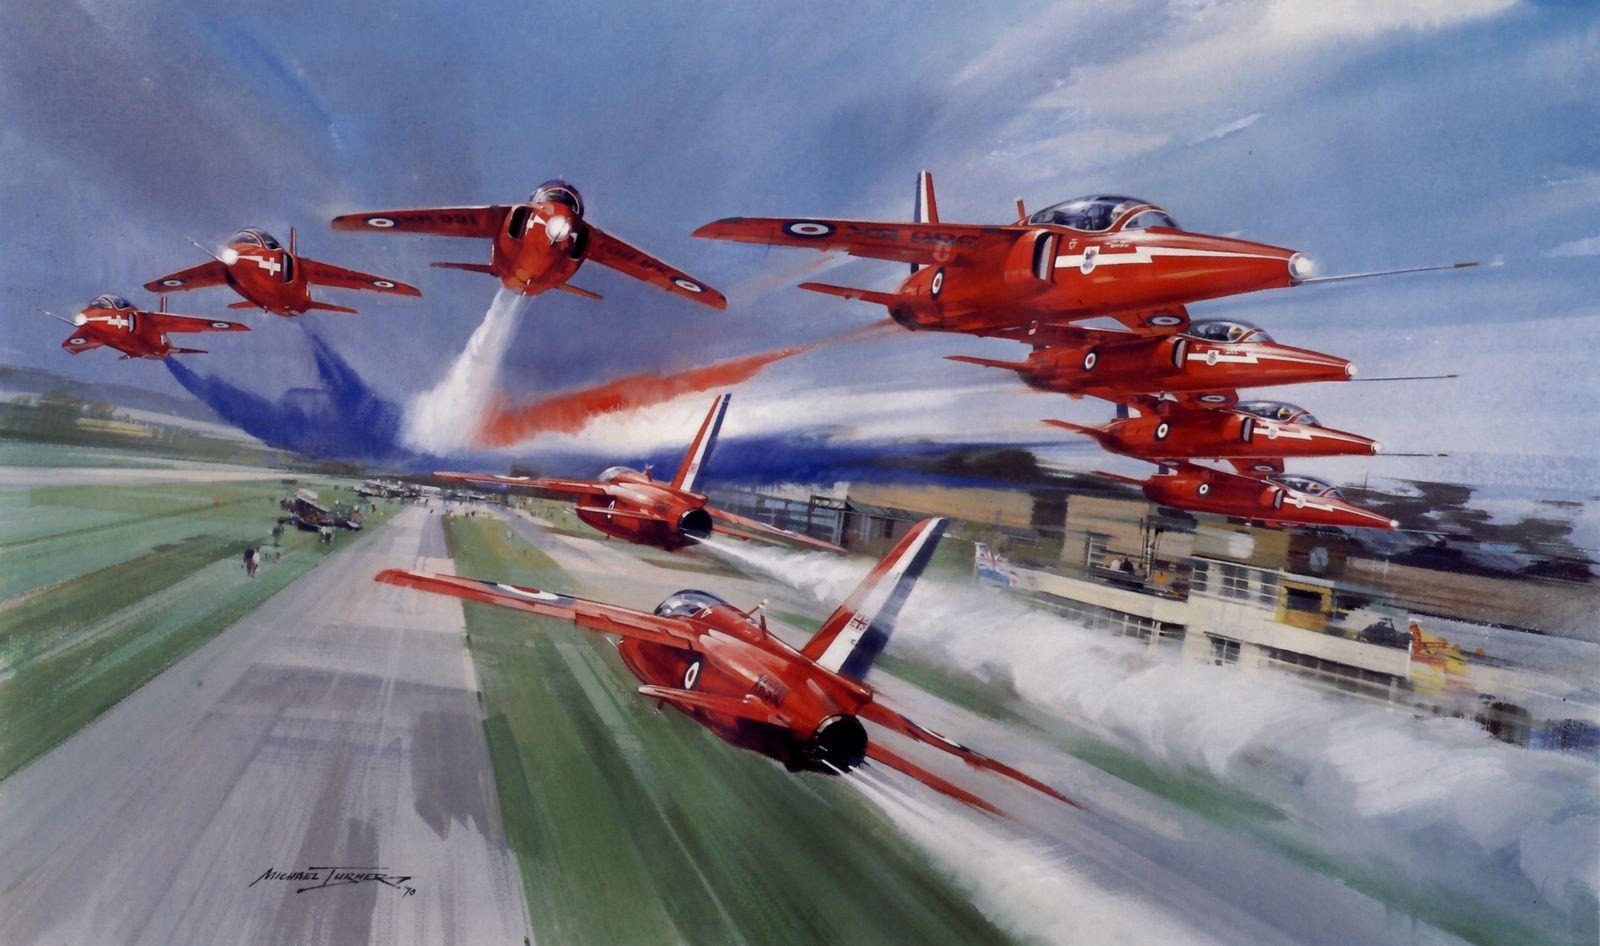 Sammeln & Seltenes Foto-ak-folland Gnat Engeland Flugzeug Airplane- Sammeln & Seltenes